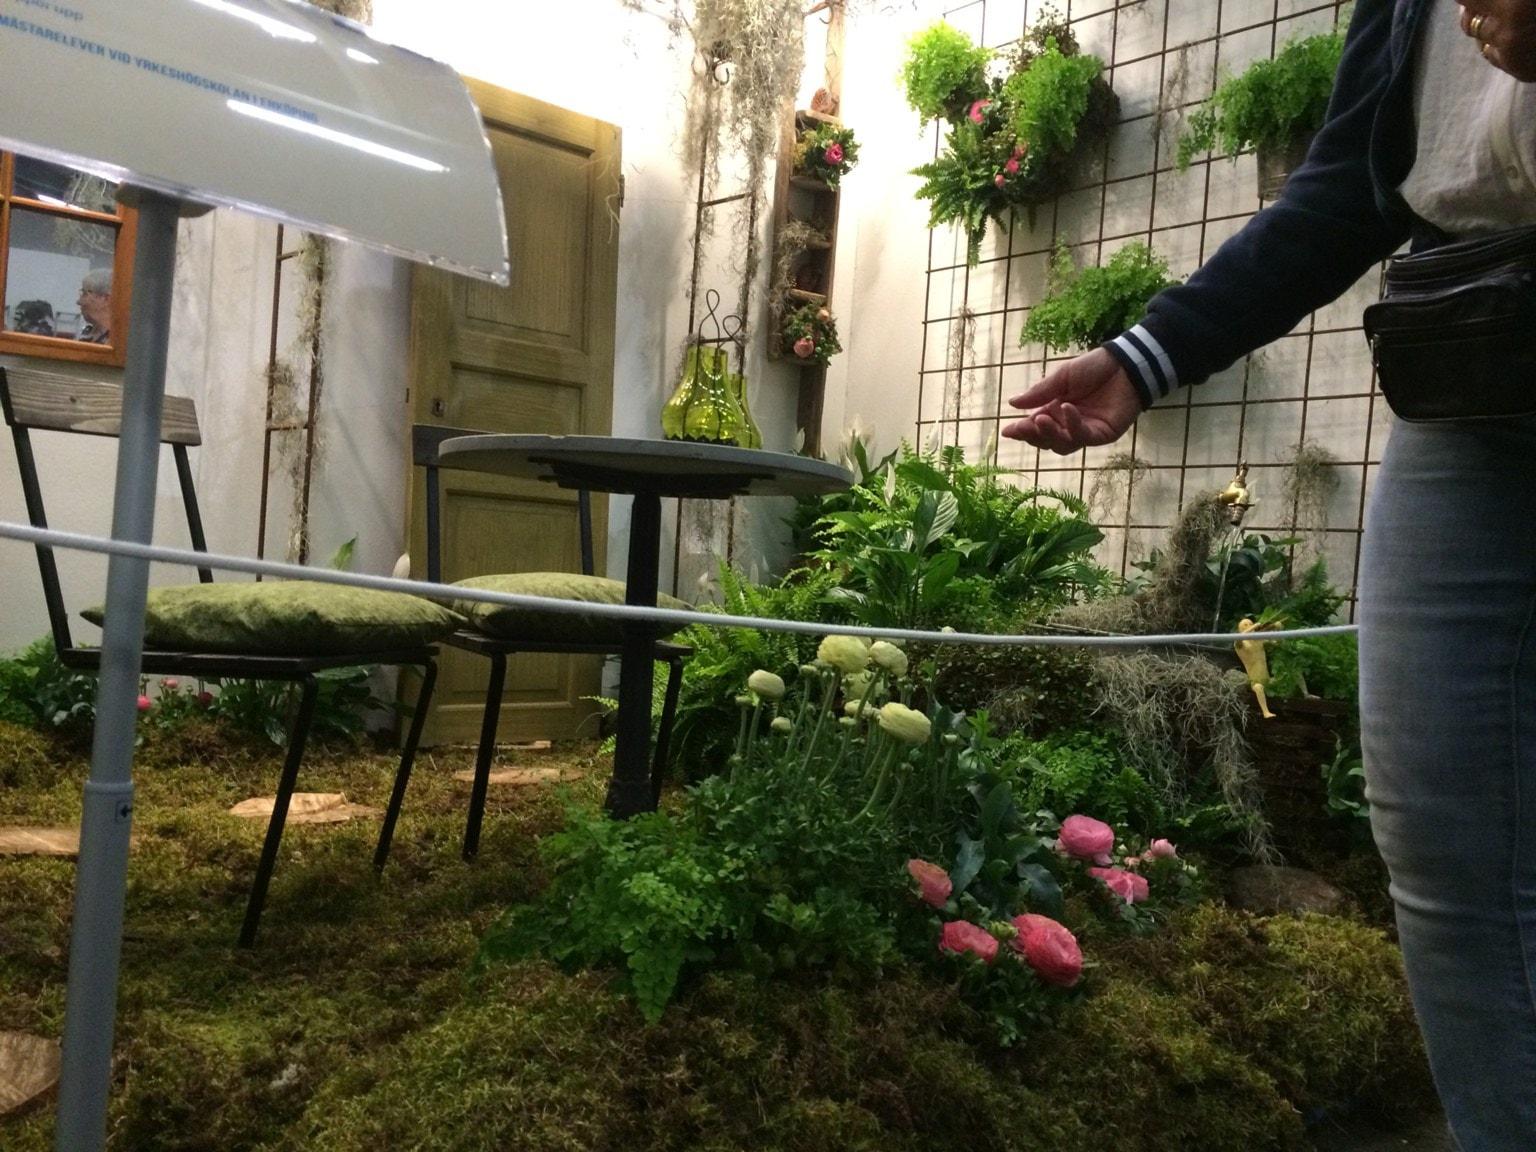 Mässa med ihåliga stockar och återvunna växter